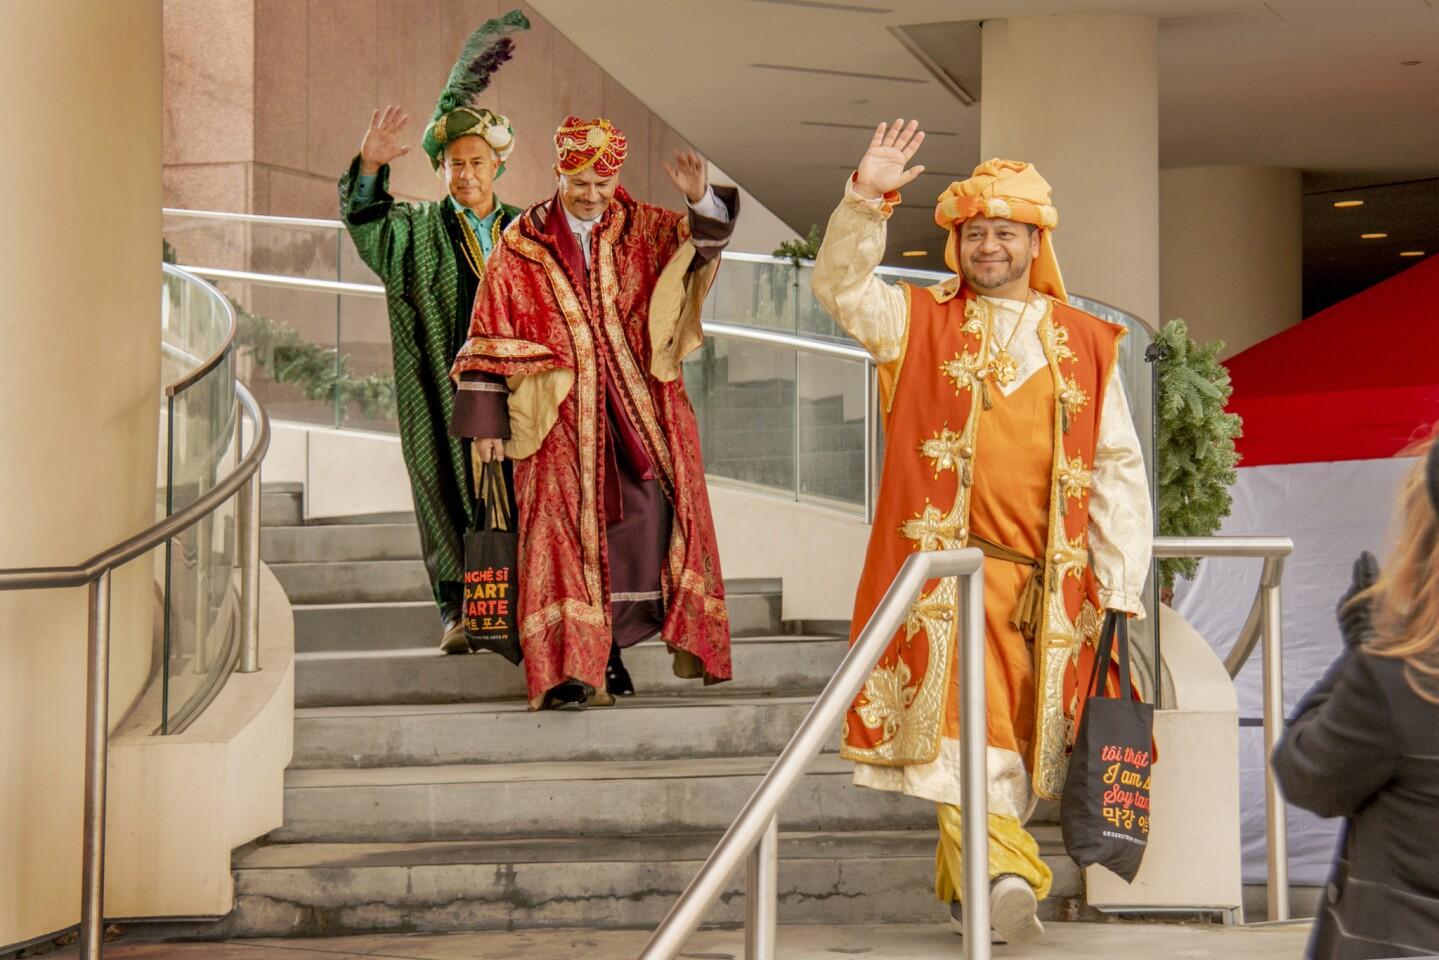 tn-dpt-me-dia-de-los-reyes-gallery-20190107-005